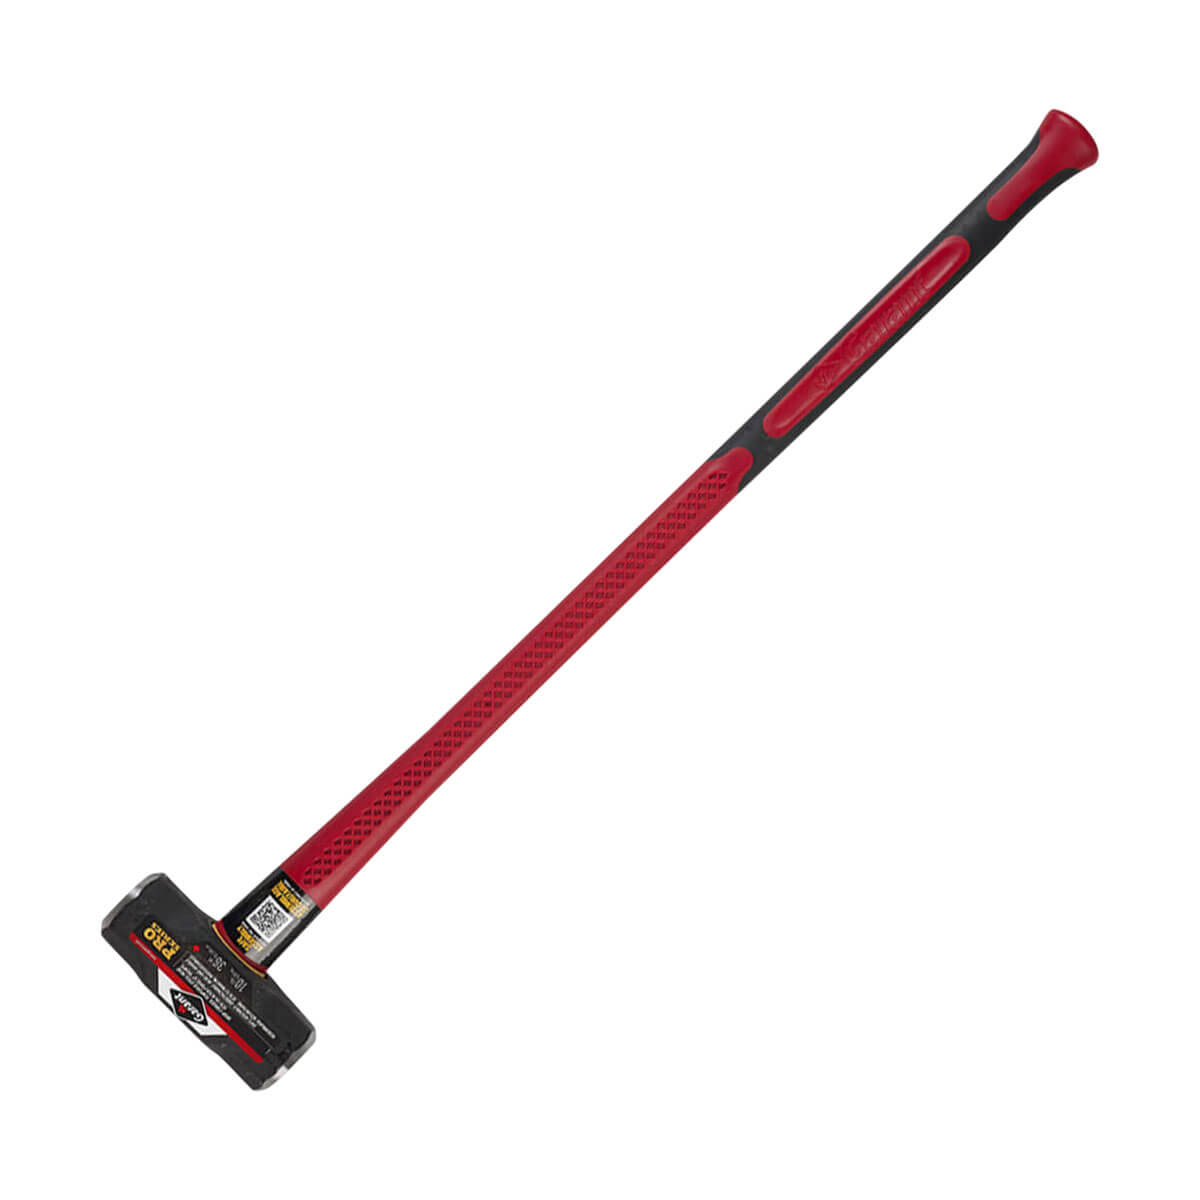 """Garant Sledge Hammer - 16"""" - 4 lb."""